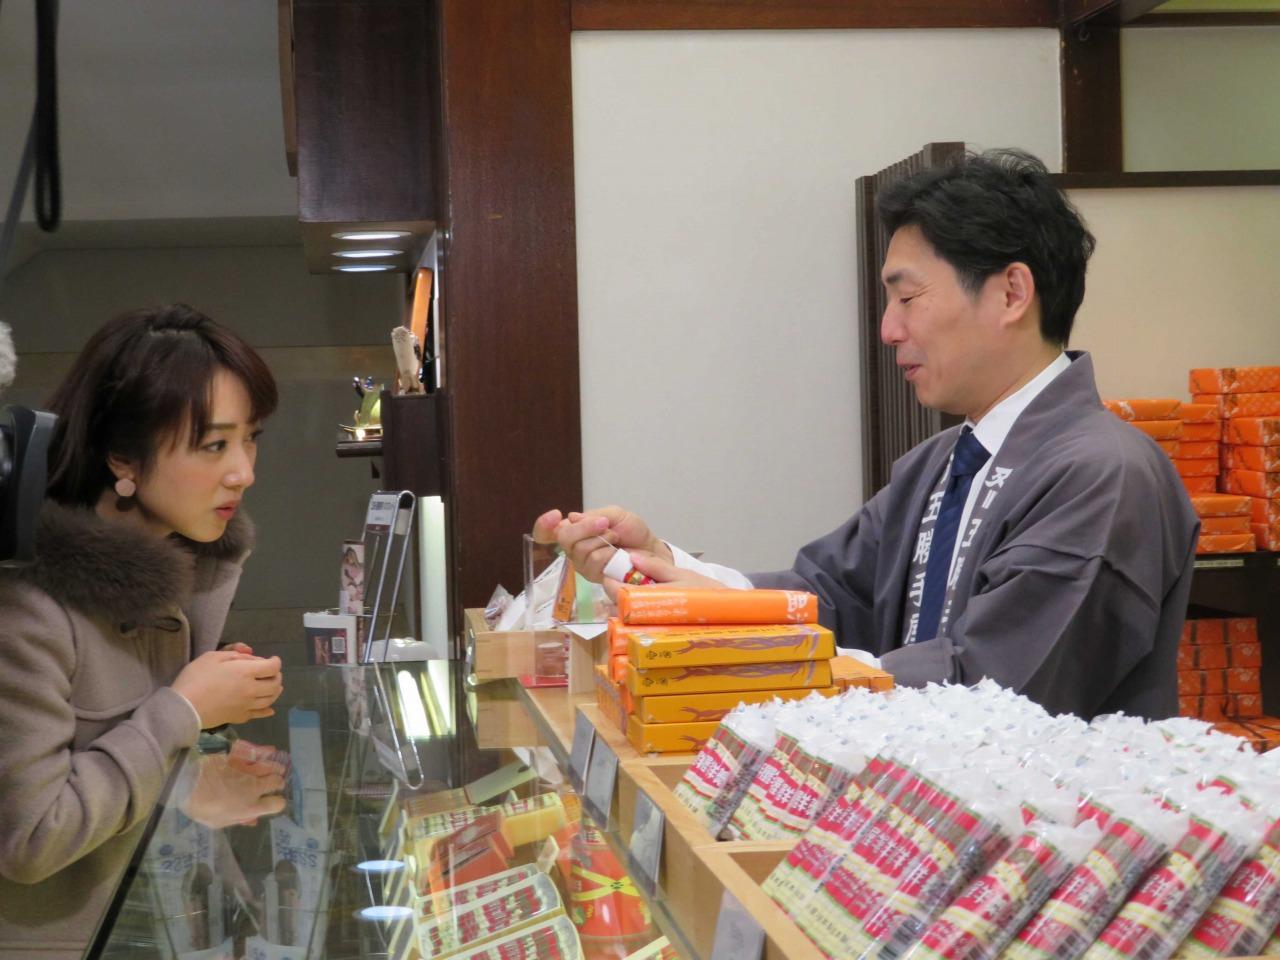 川田裕美、念願の老舗和菓子店へ!